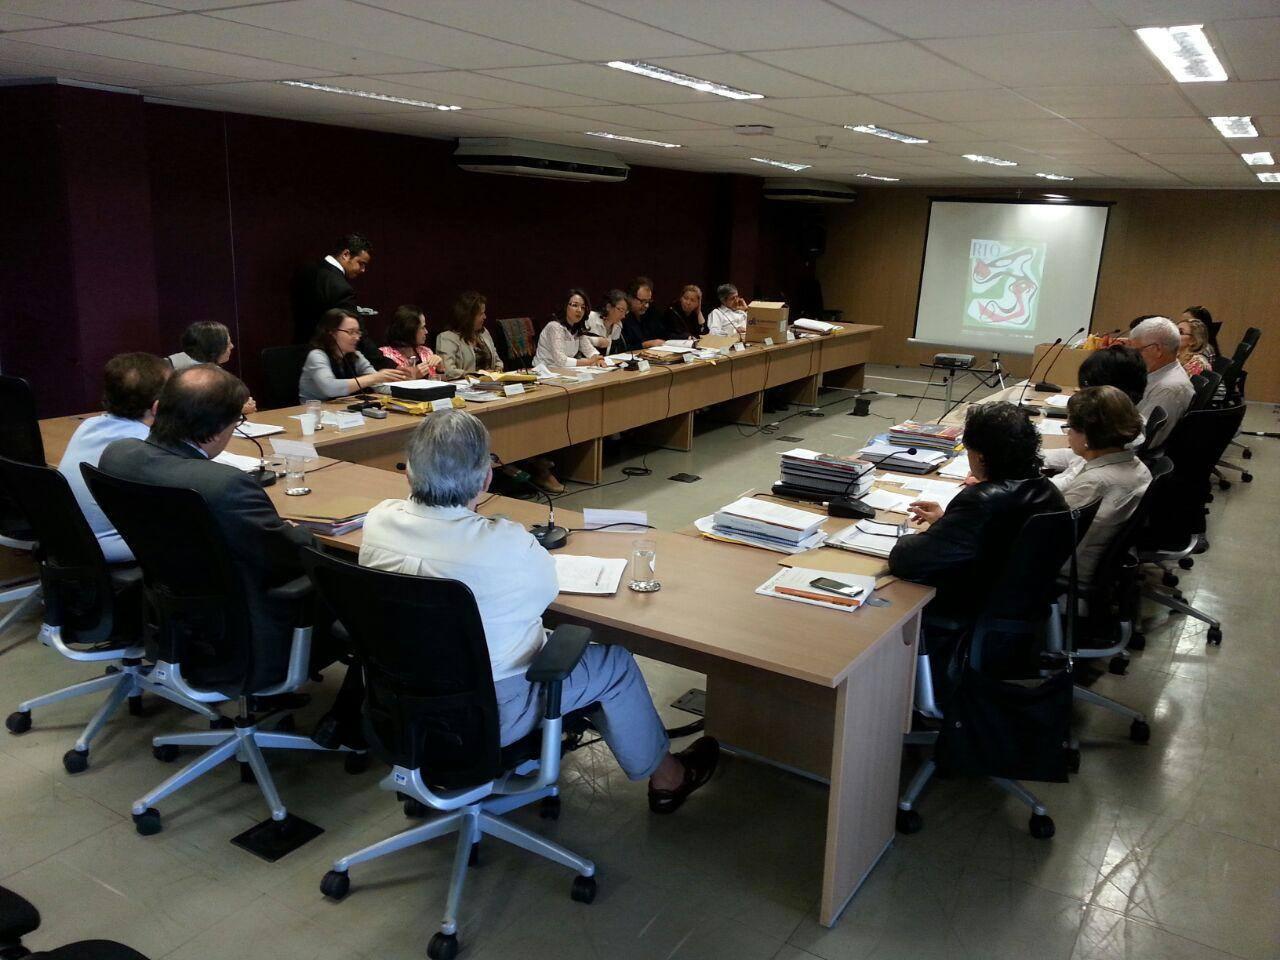 Reunião da Comissão Nacional de Avaliação do Prêmio Rodrigo Melo Franco de Andrade. Foto Acervo Iphan